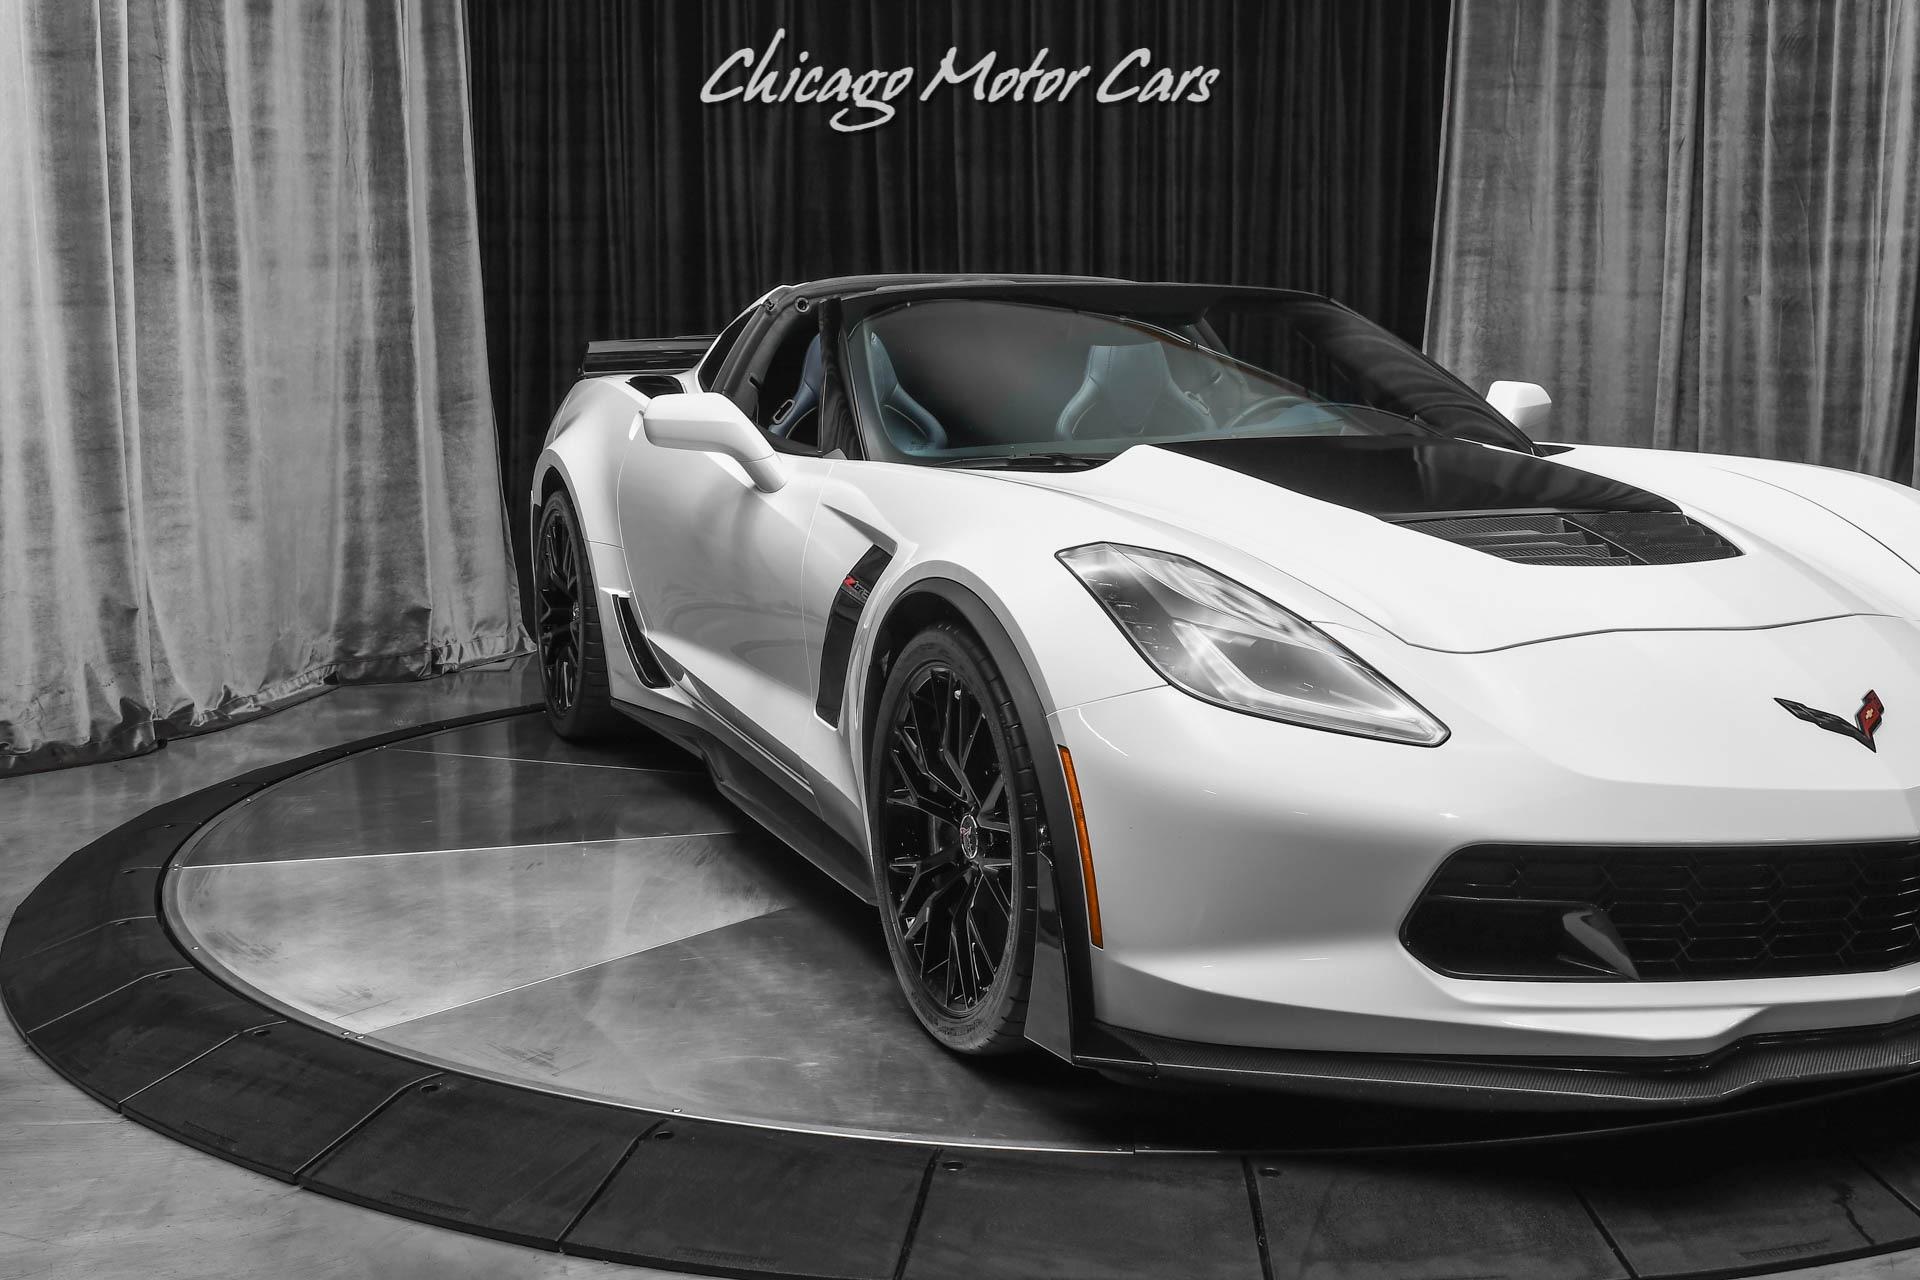 Used-2015-Chevrolet-Corvette-Z06-3LZ-Z07-MANUAL-TRANS-AKRAPOVIC-EXHAUST-RARE-SPEC-700HP